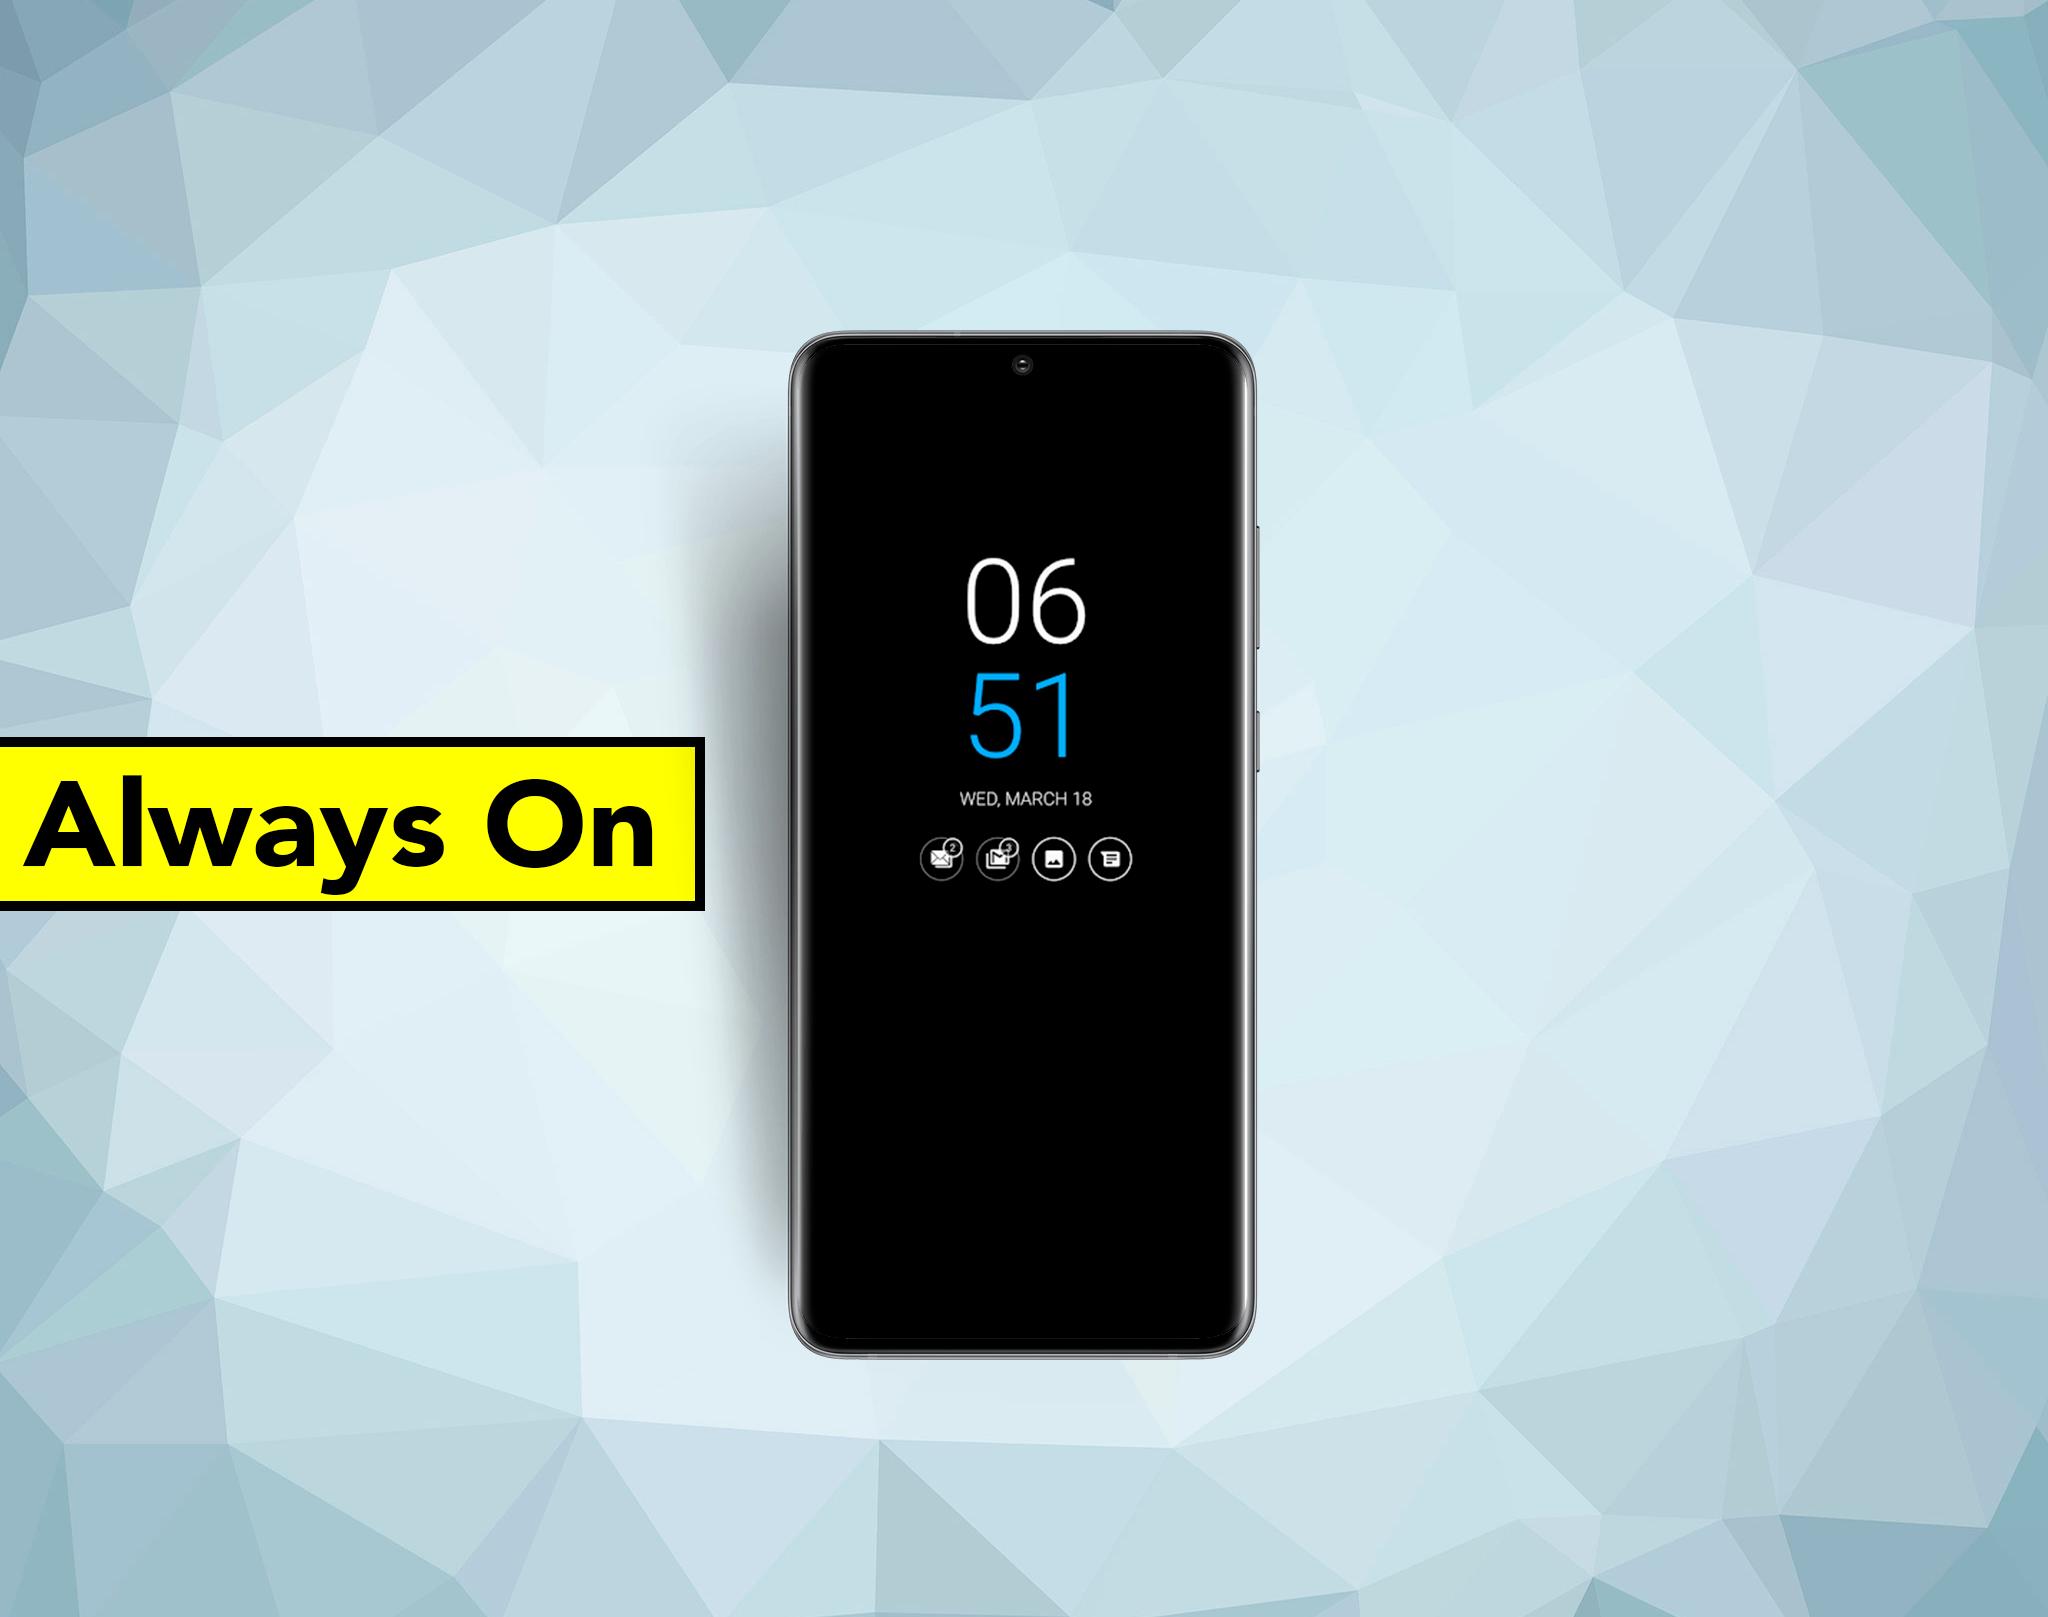 Así puedes tener el modo Always On en cualquier móvil y consumir menos batería